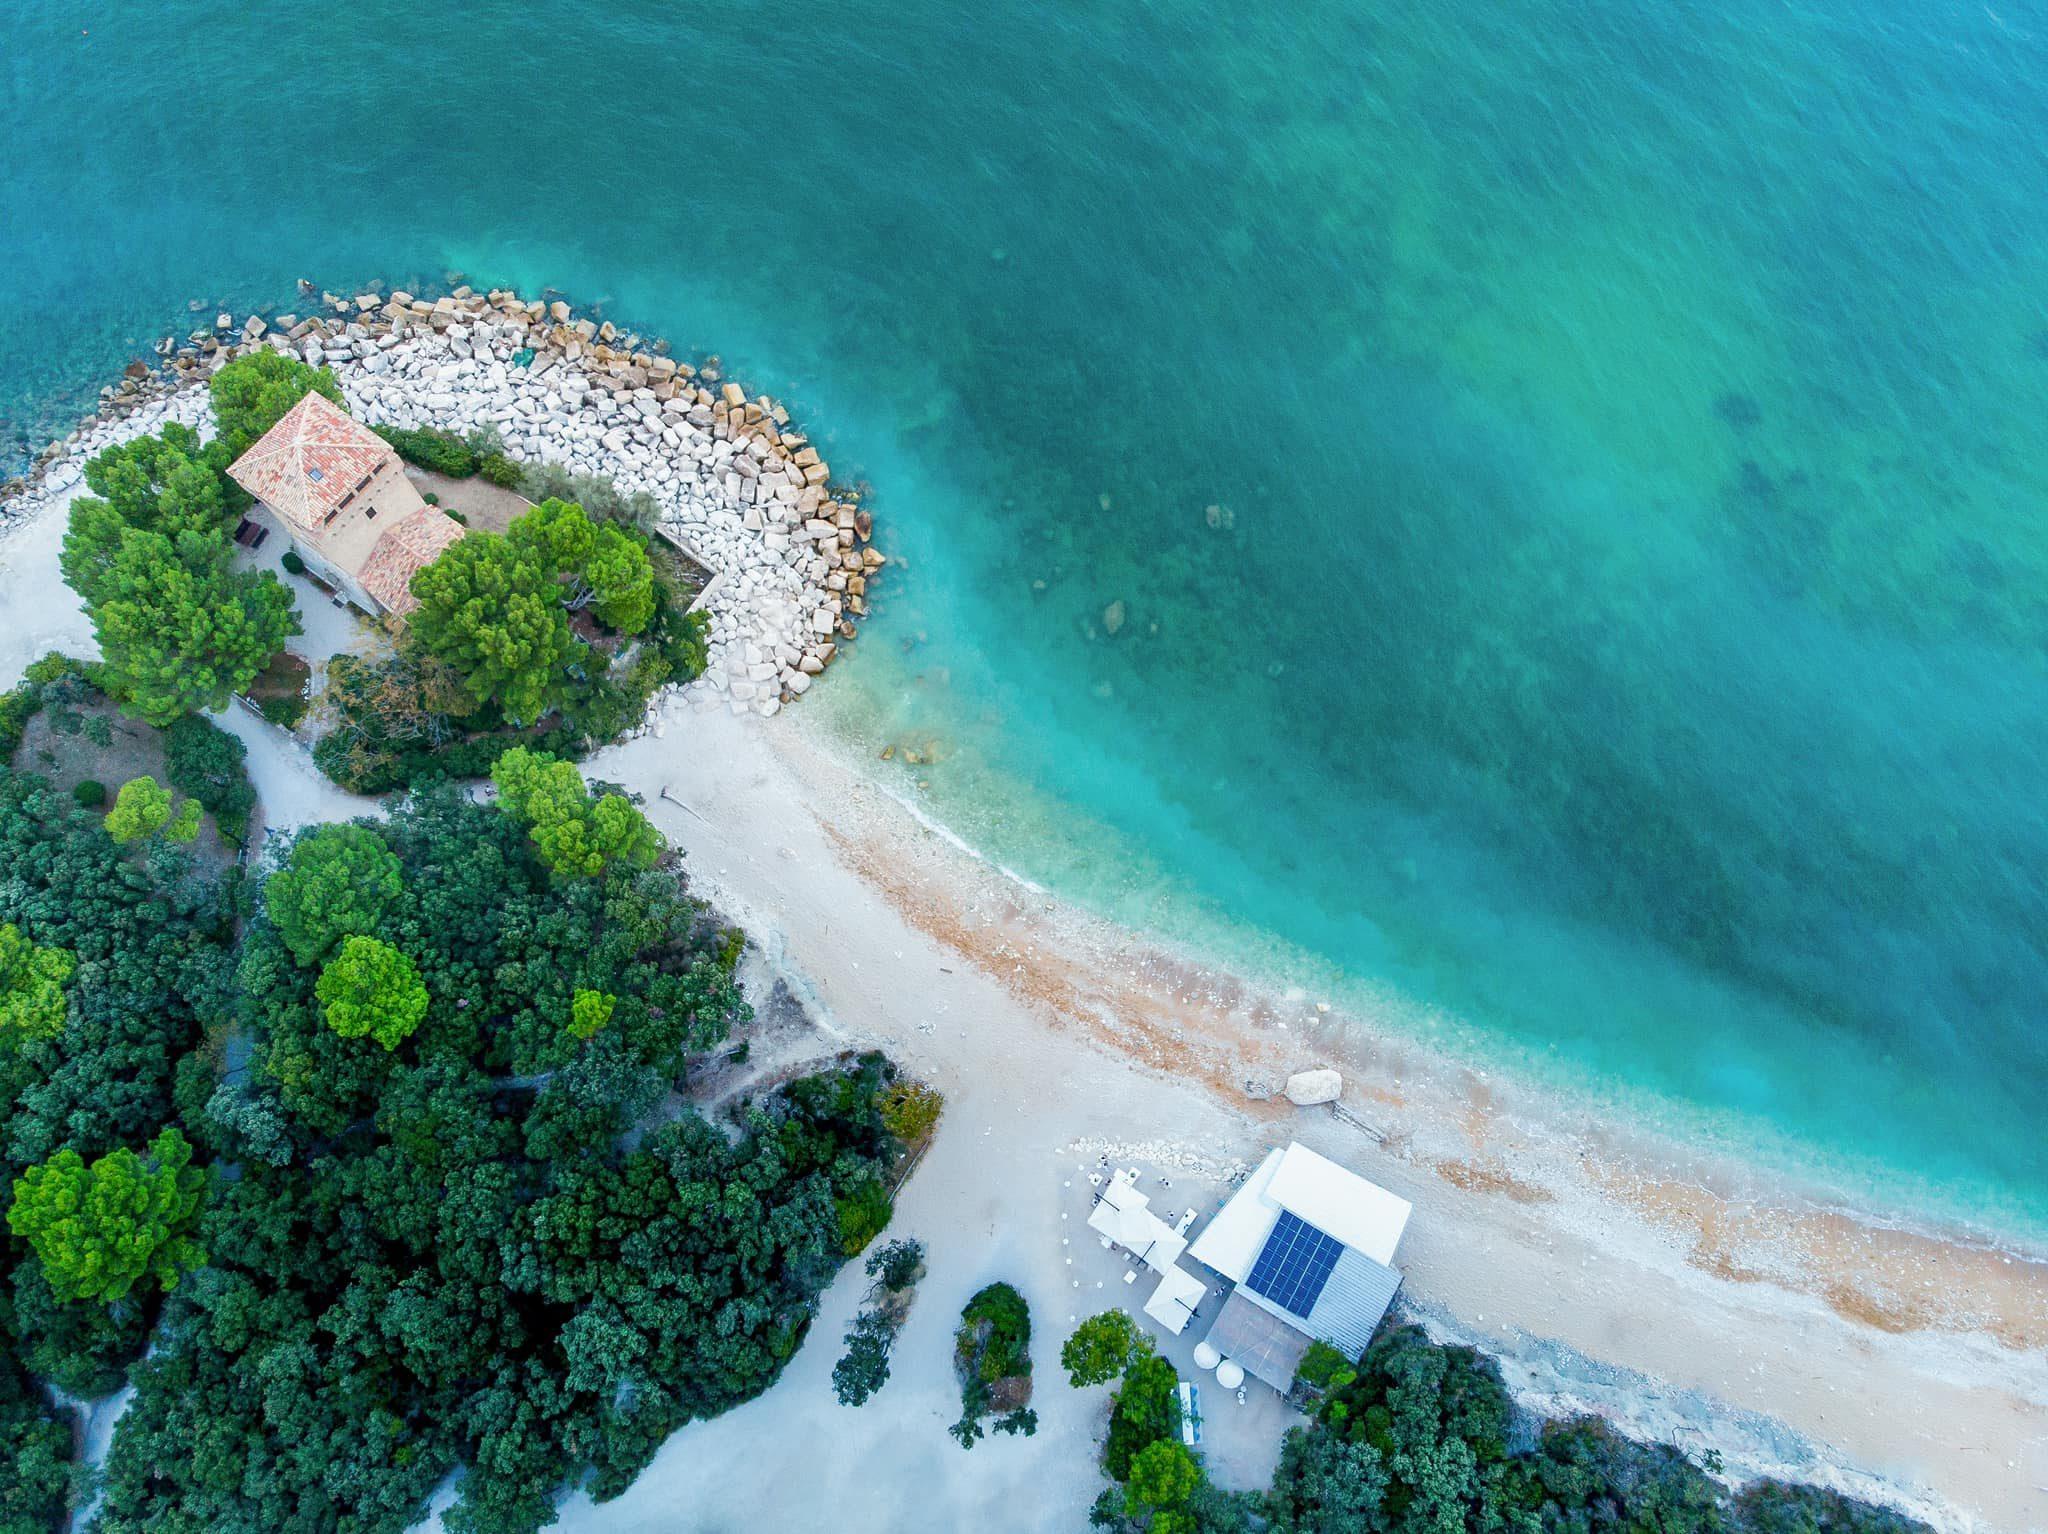 Un orto sulla spiaggia: il sogno di Moreno Cedroni è realtà e rilancia Senigallia